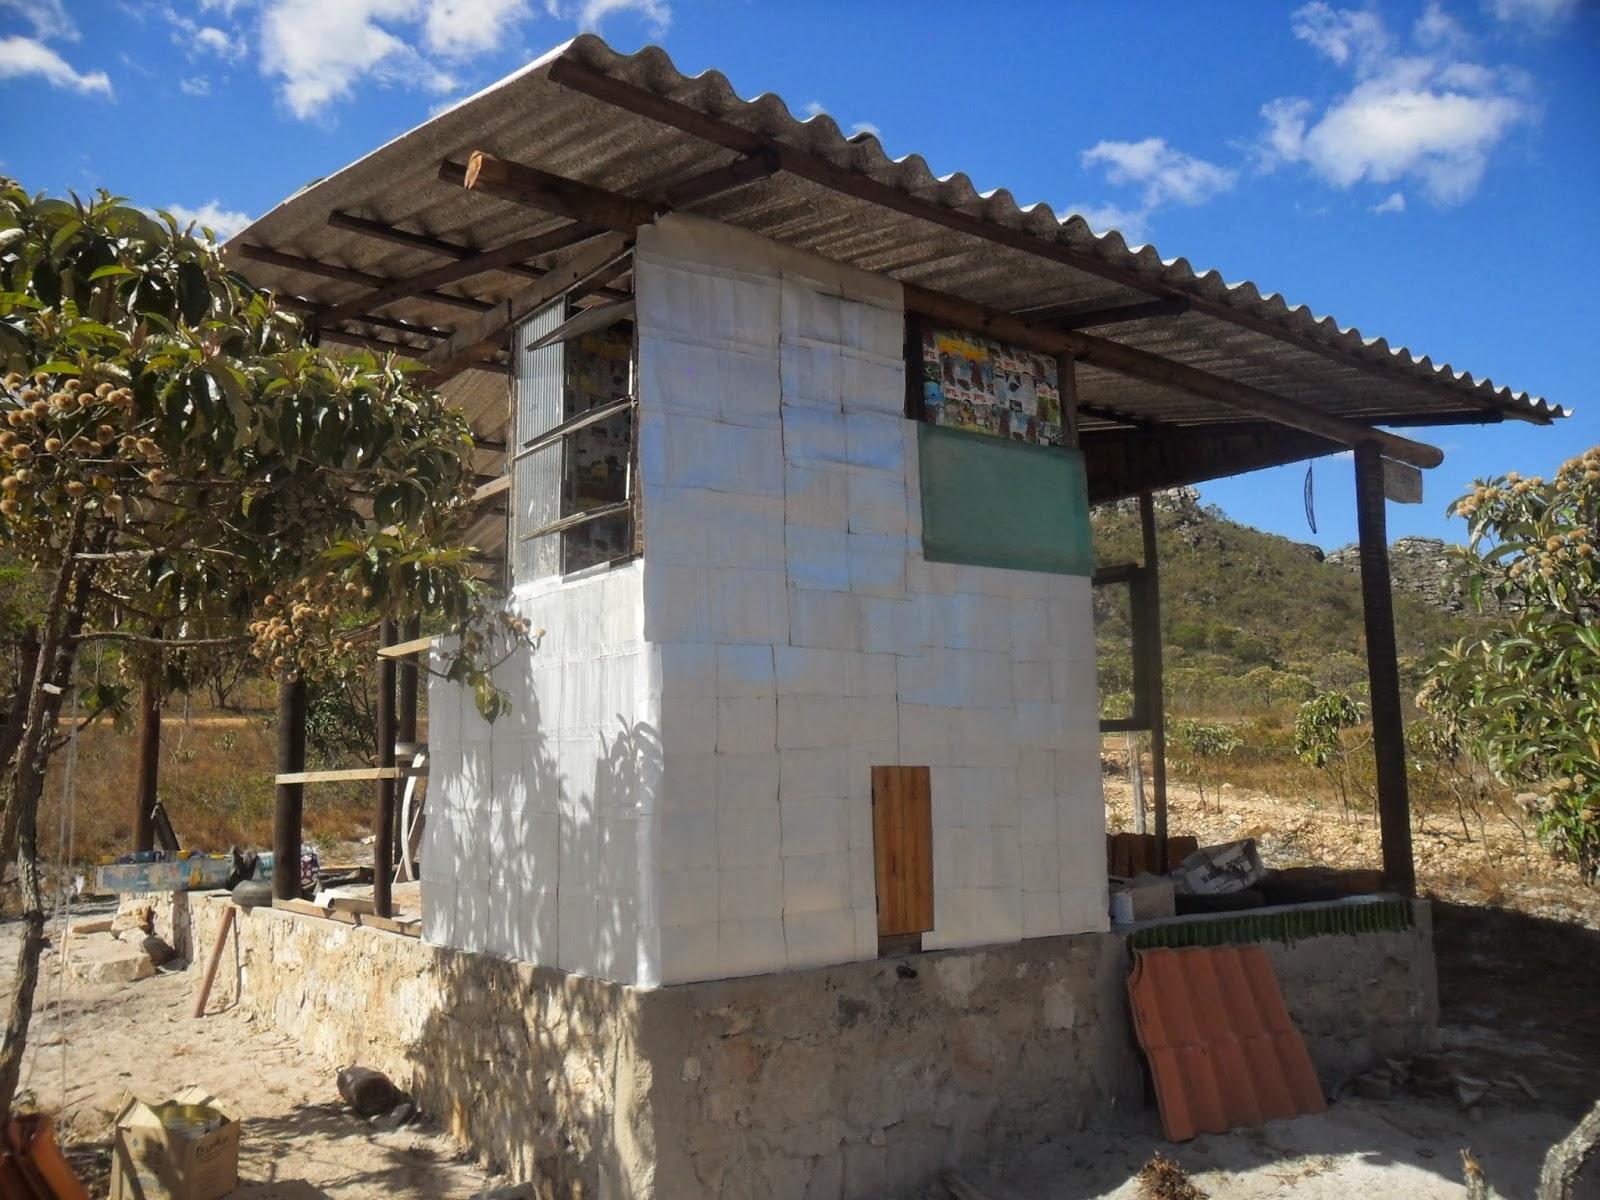 Marcenaria de Caçamba: Pequeno historico do Rancho Deleite #265BA5 1600 1200